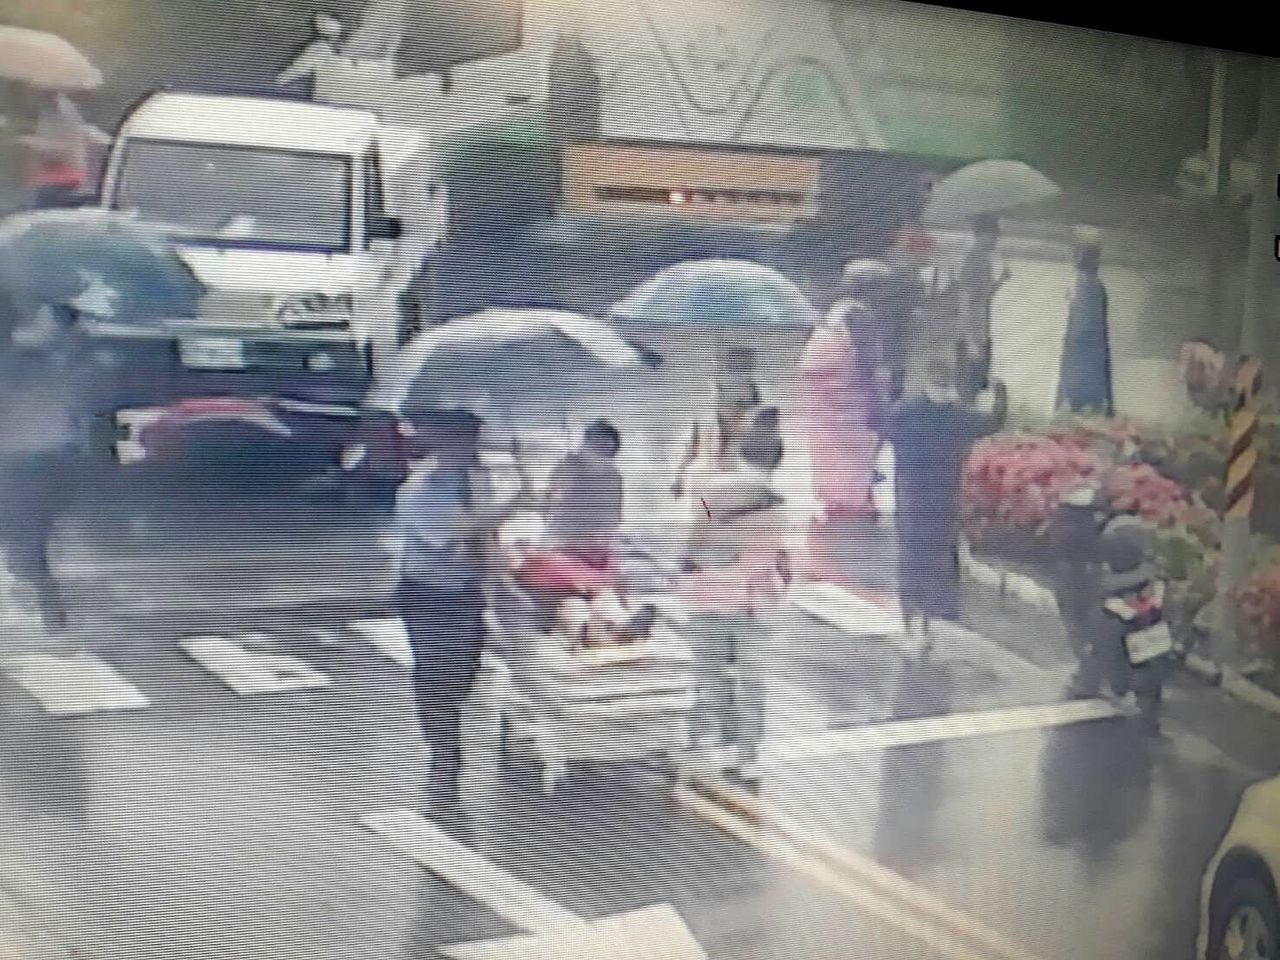 現場熱心民眾與醫院保全沿路協助撐傘,一起護送護理人員與受傷婦人到安南醫院急診室。...